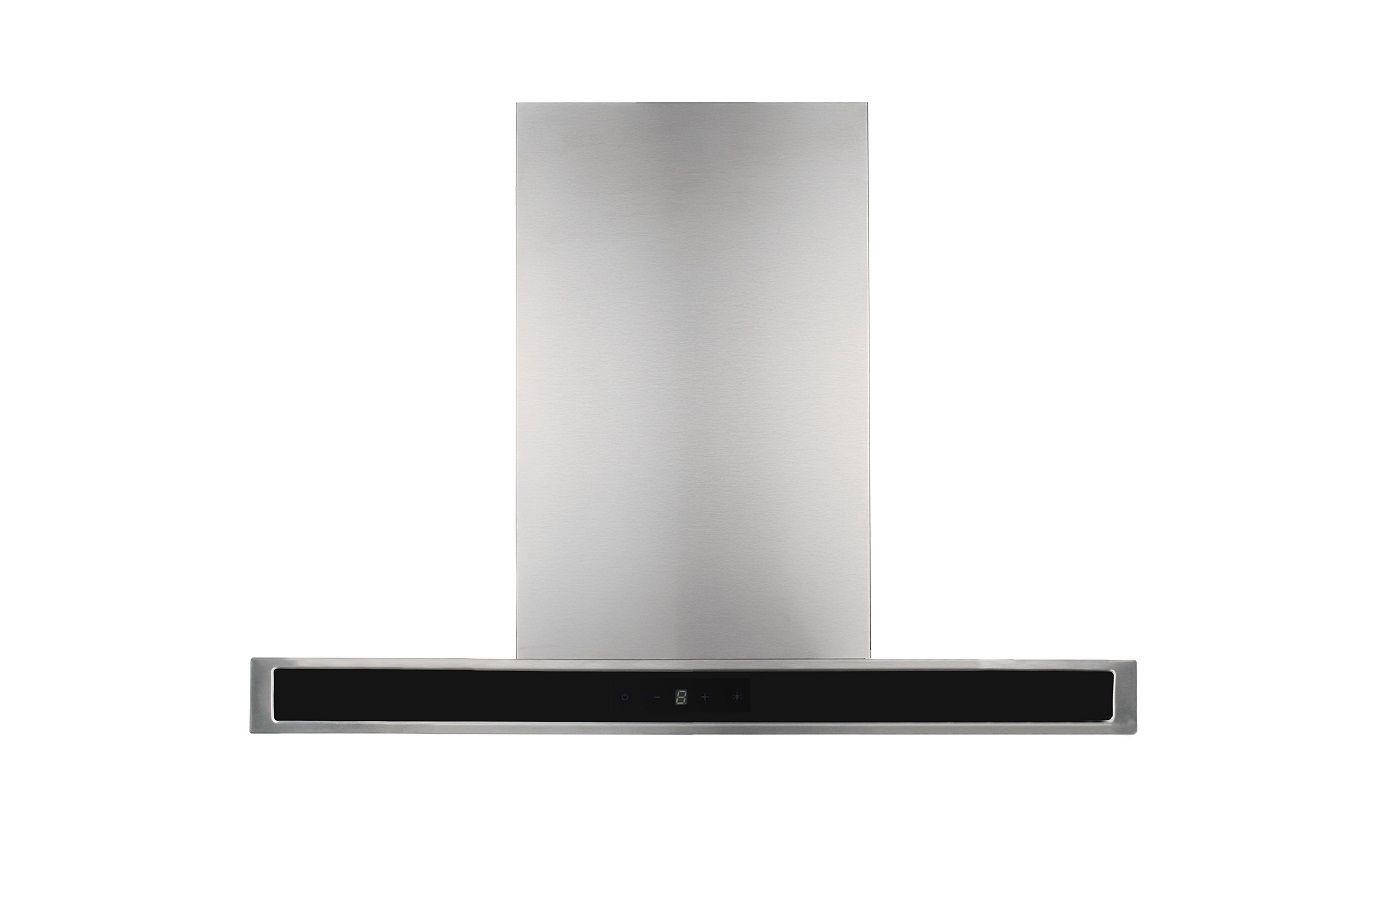 Pkm 8060g z dunstabzugshaube edelstahl glas schwarz for Dunstabzugshaube glas